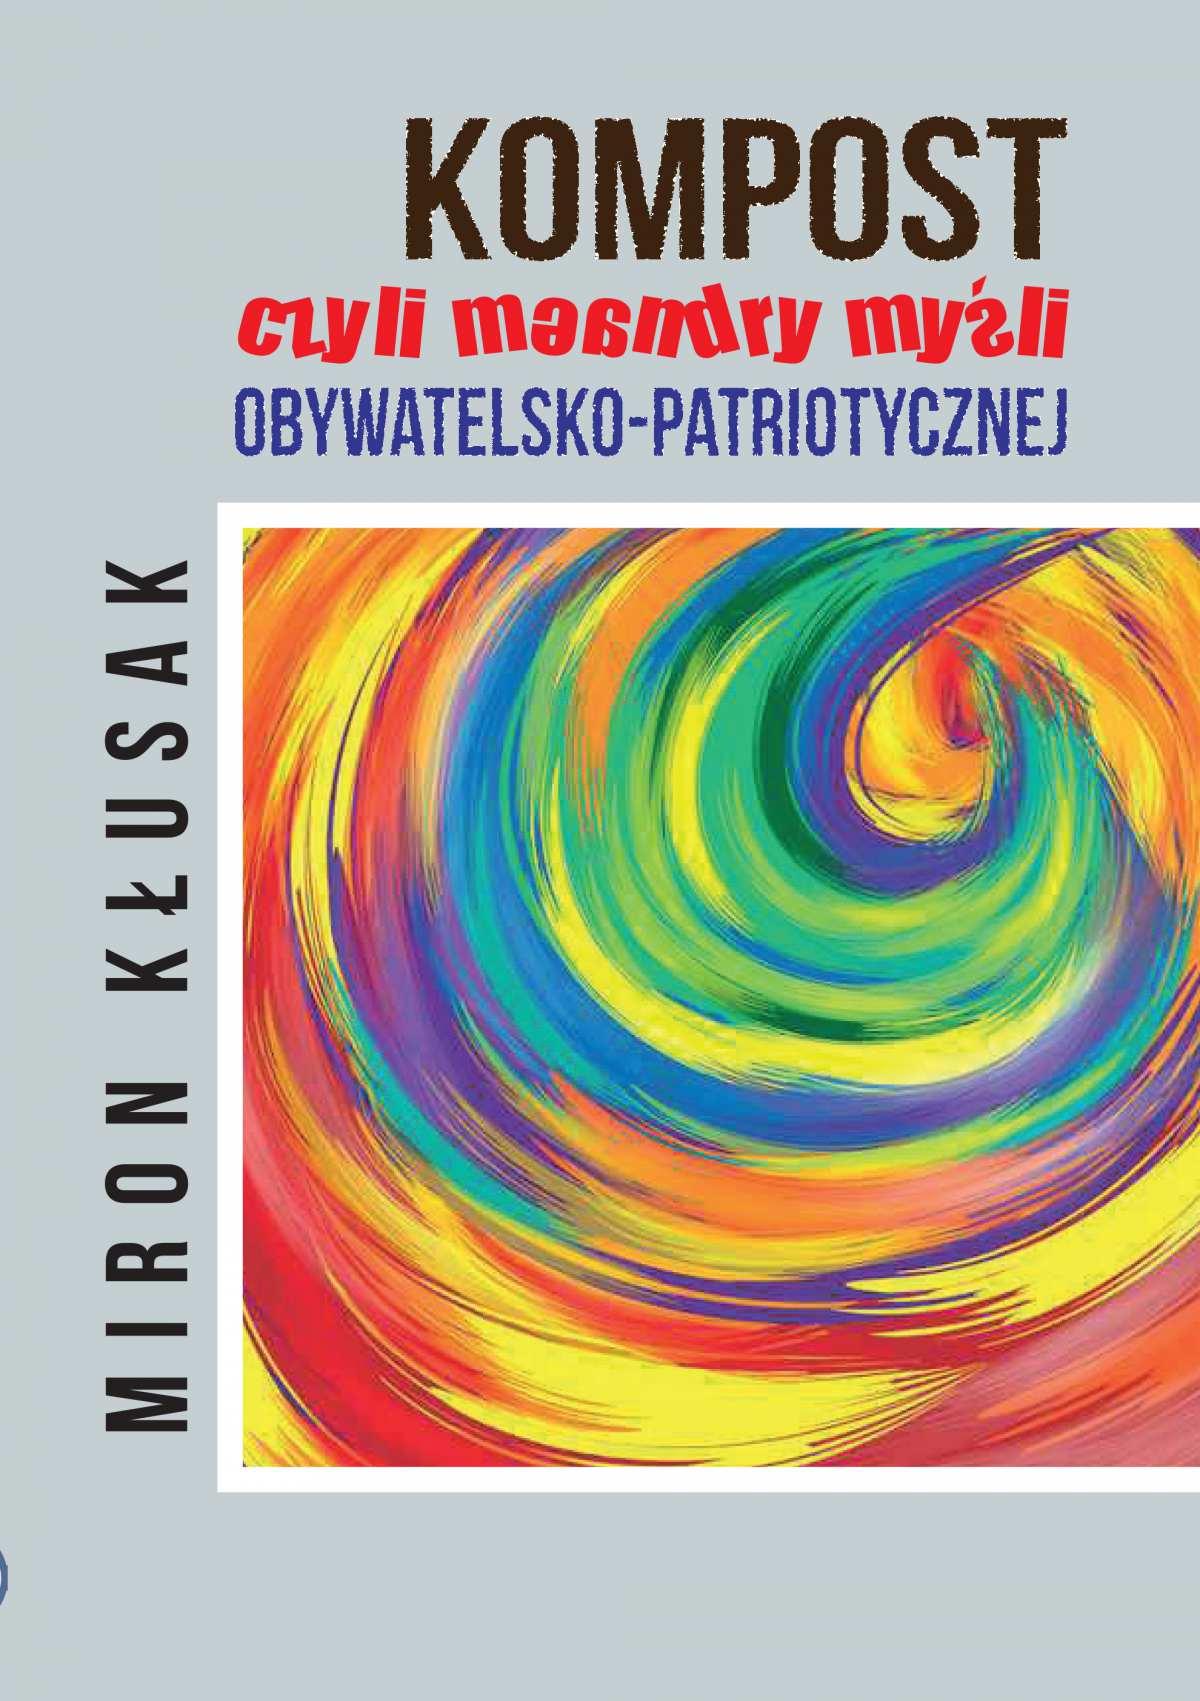 Kompost, czyli meandry myśli obywatelsko-patriotycznej - Ebook (Książka PDF) do pobrania w formacie PDF